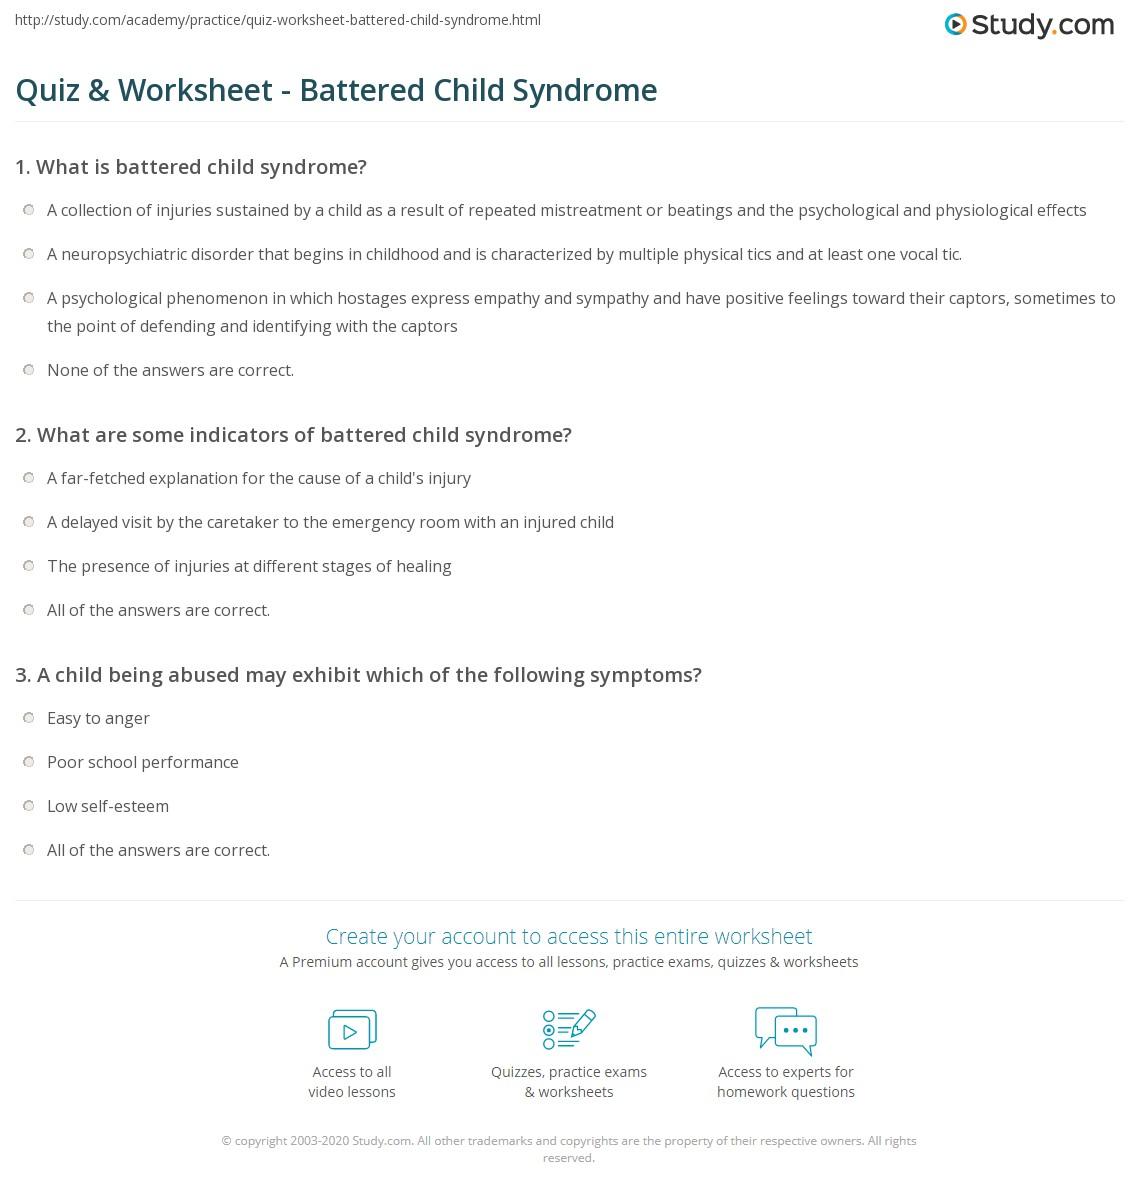 Quiz & Worksheet - Battered Child Syndrome   Study.com